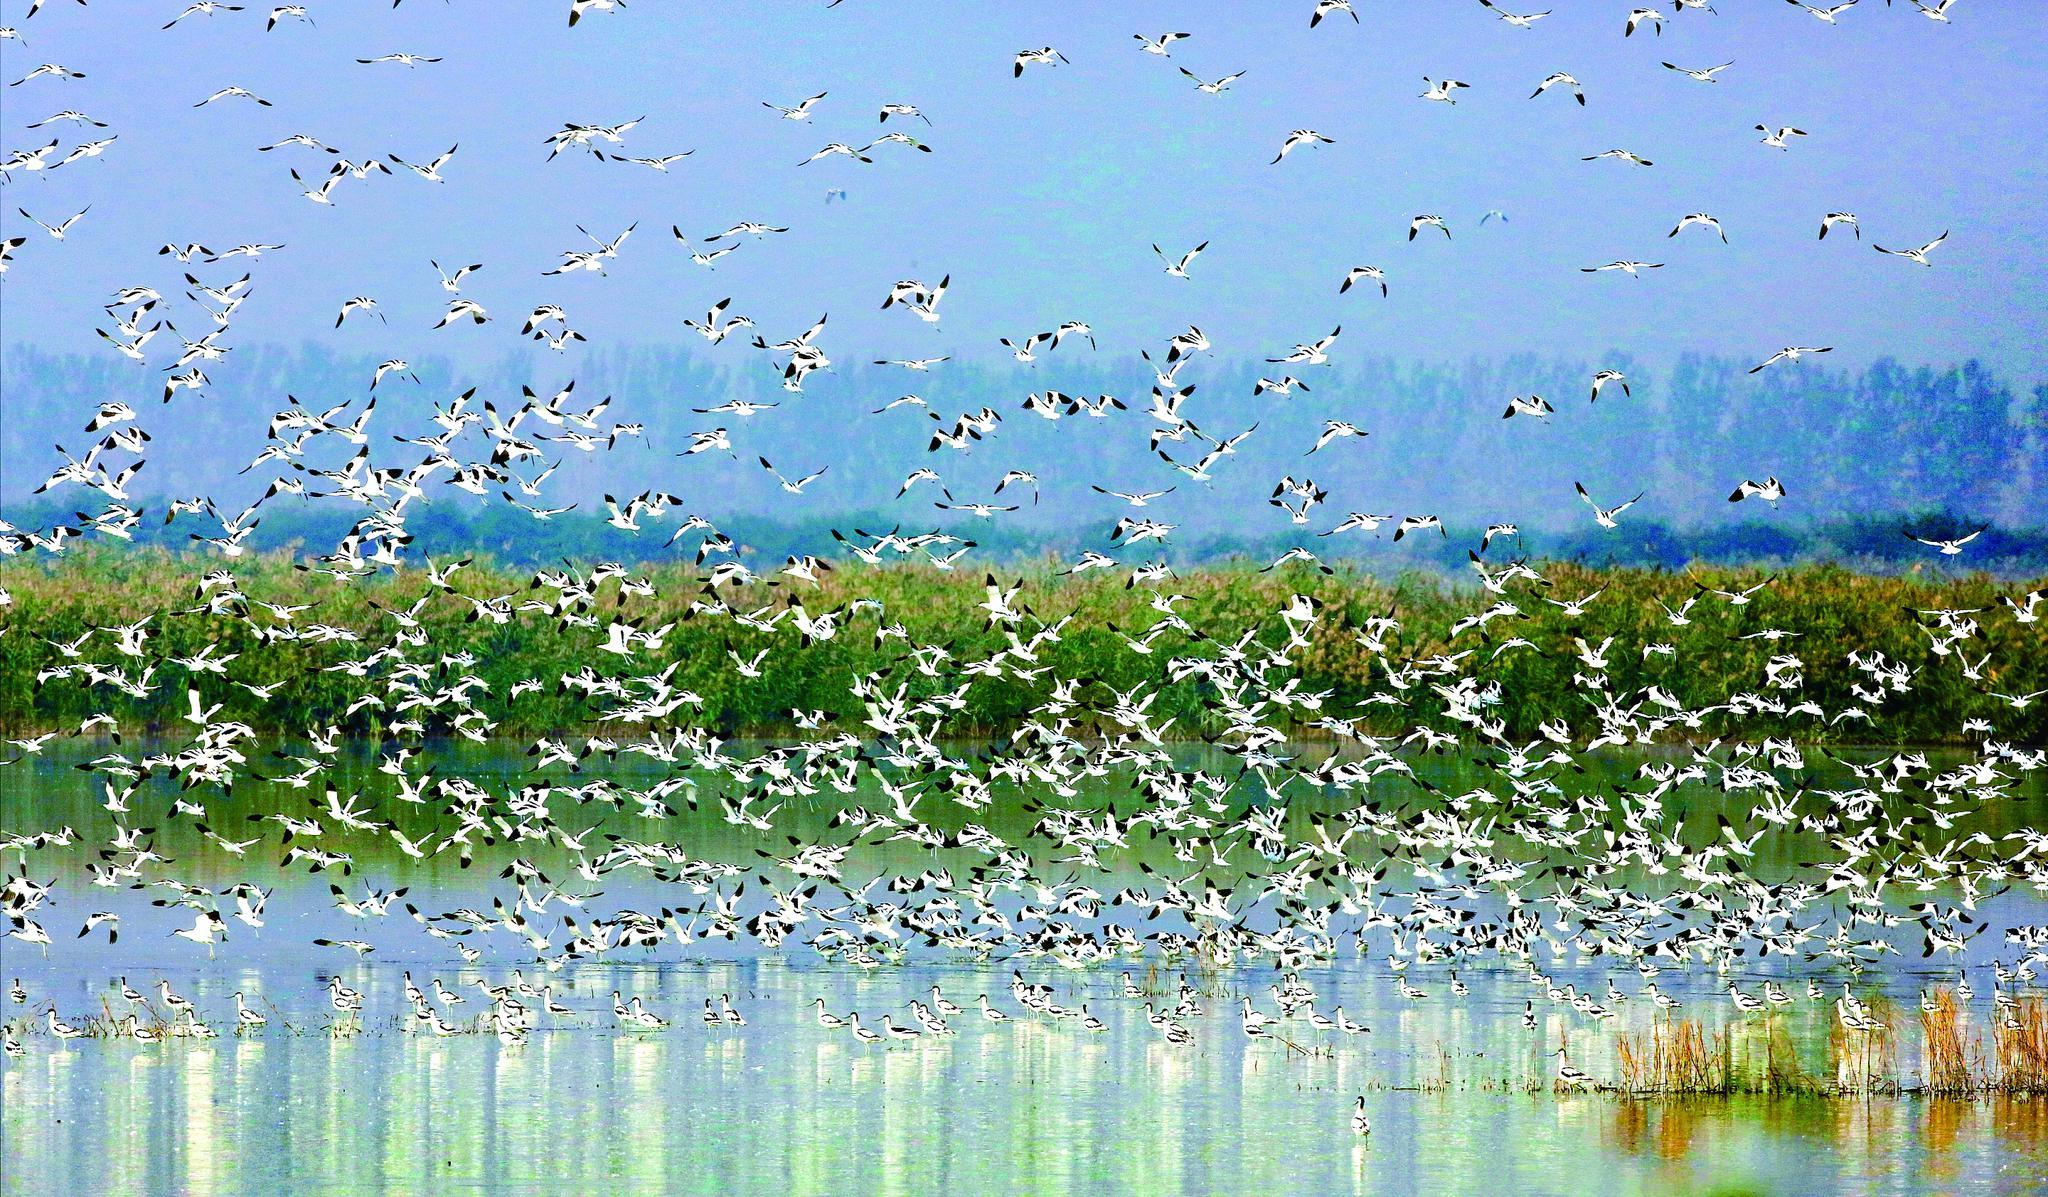 摄影作品:鸥群